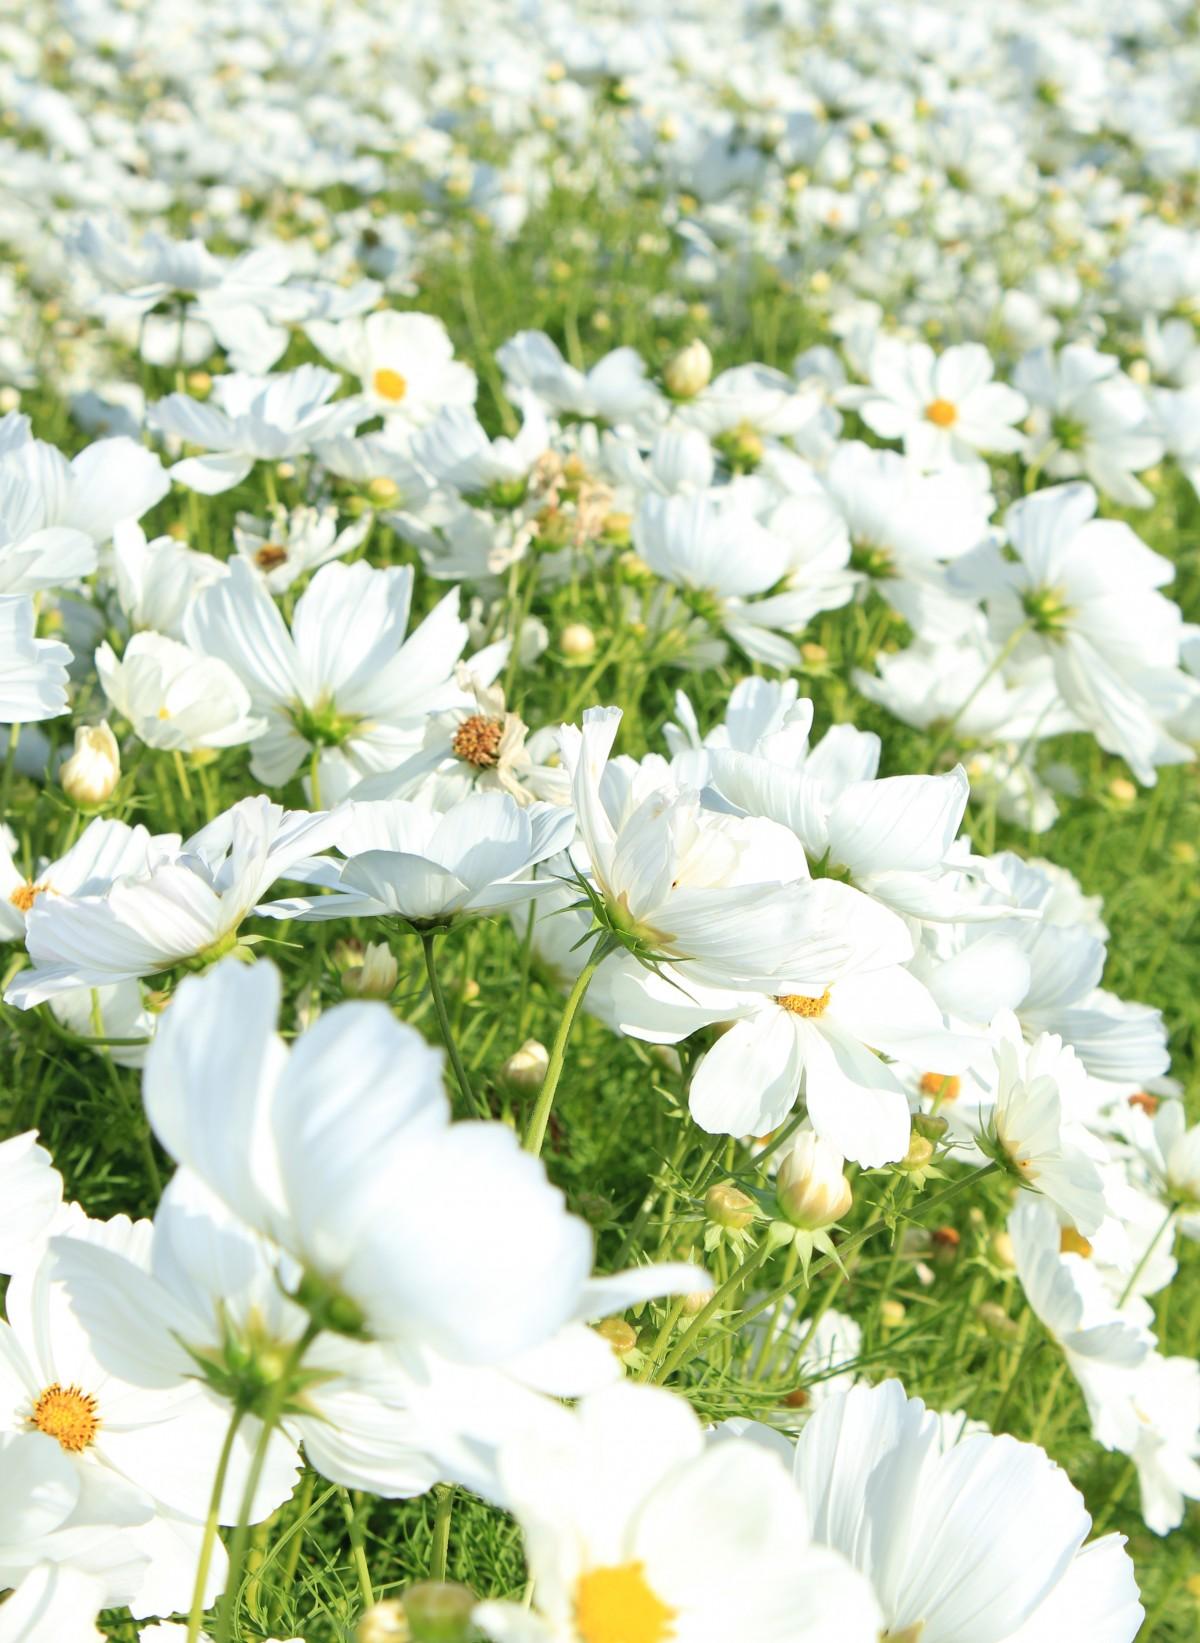 картинки цветы белого цвета для собак, поводок